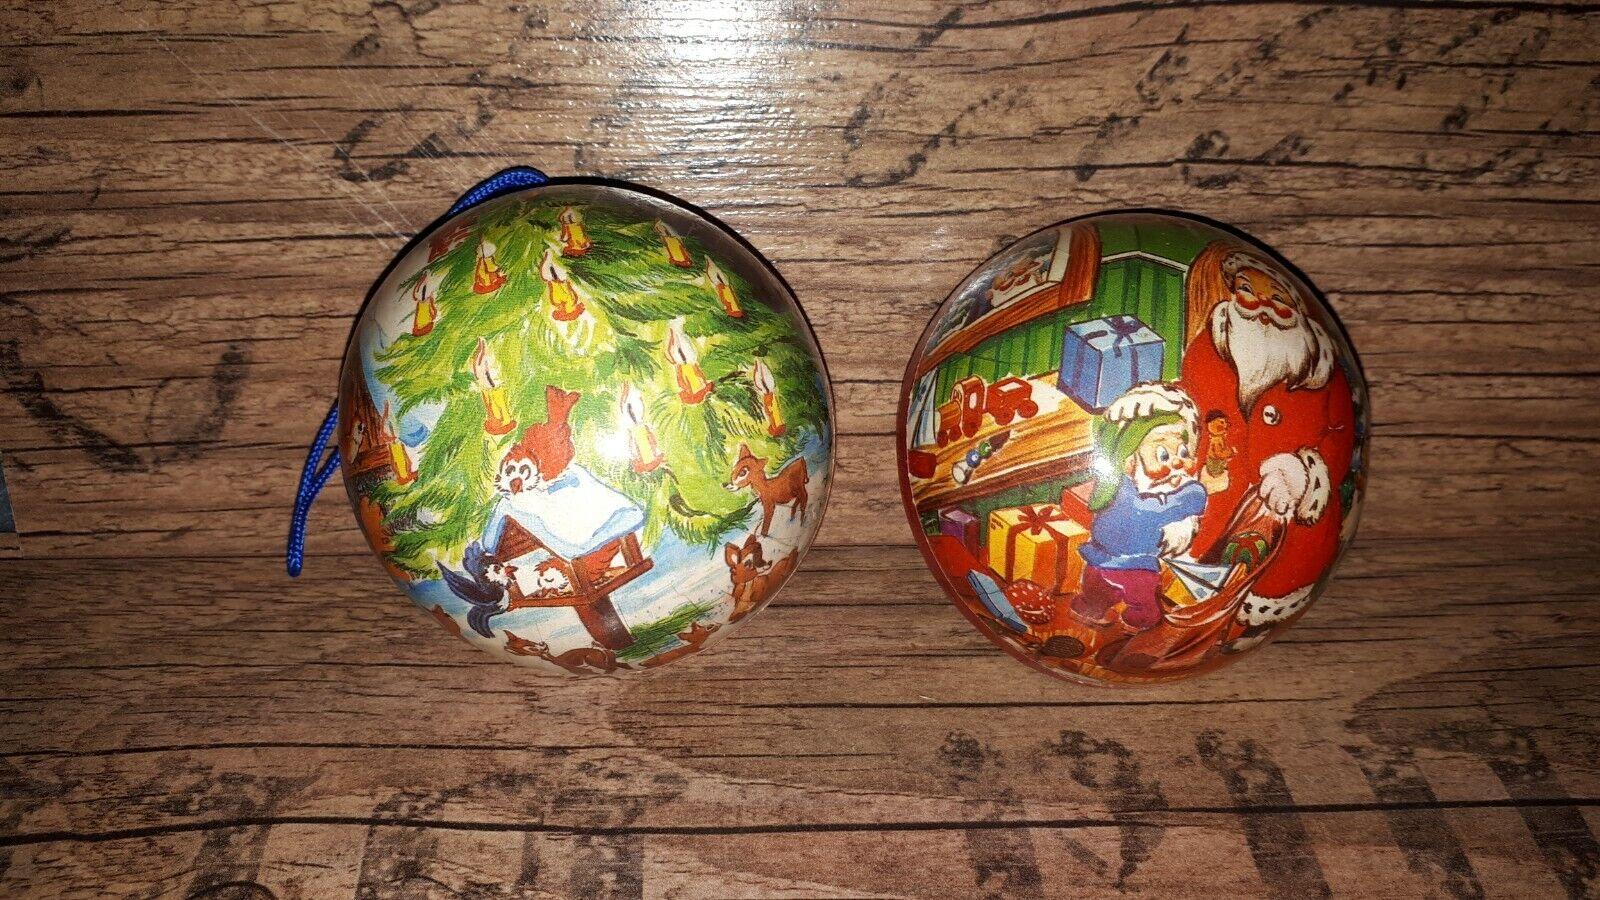 DDR Ostalgie Pappkugel Weihnachten Weihnachtskugel Kugel Pappe